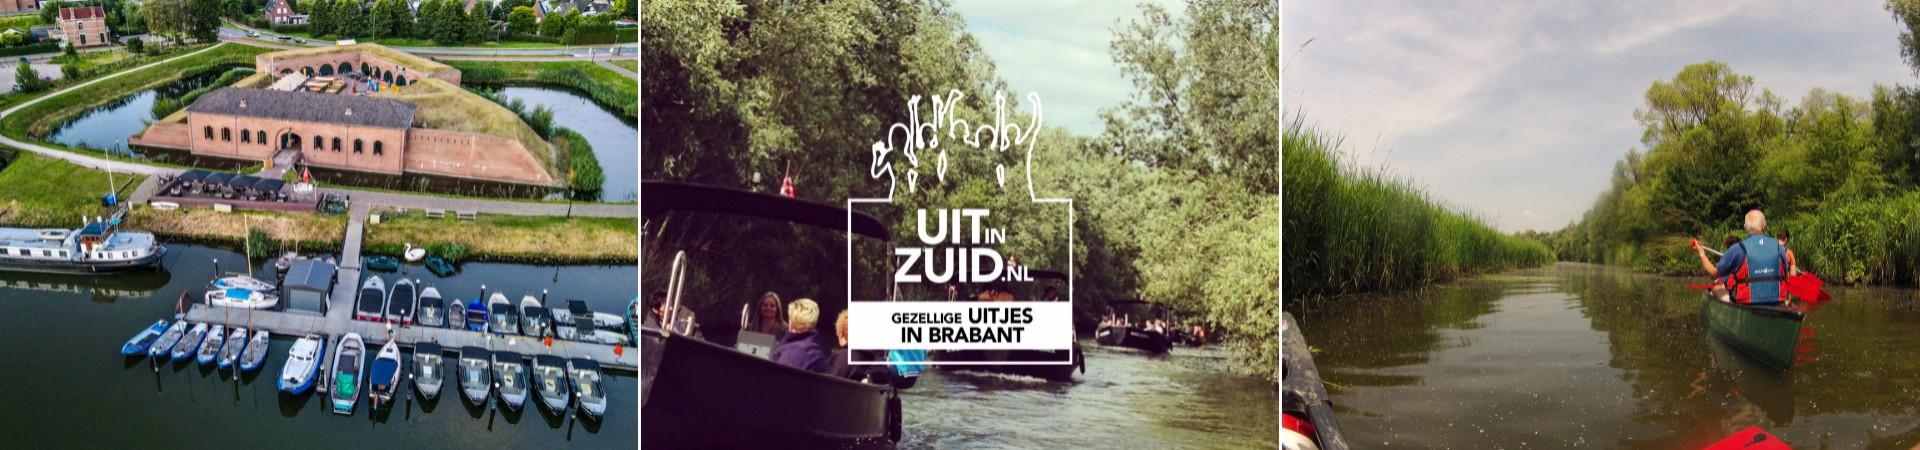 De Biesbosch banner